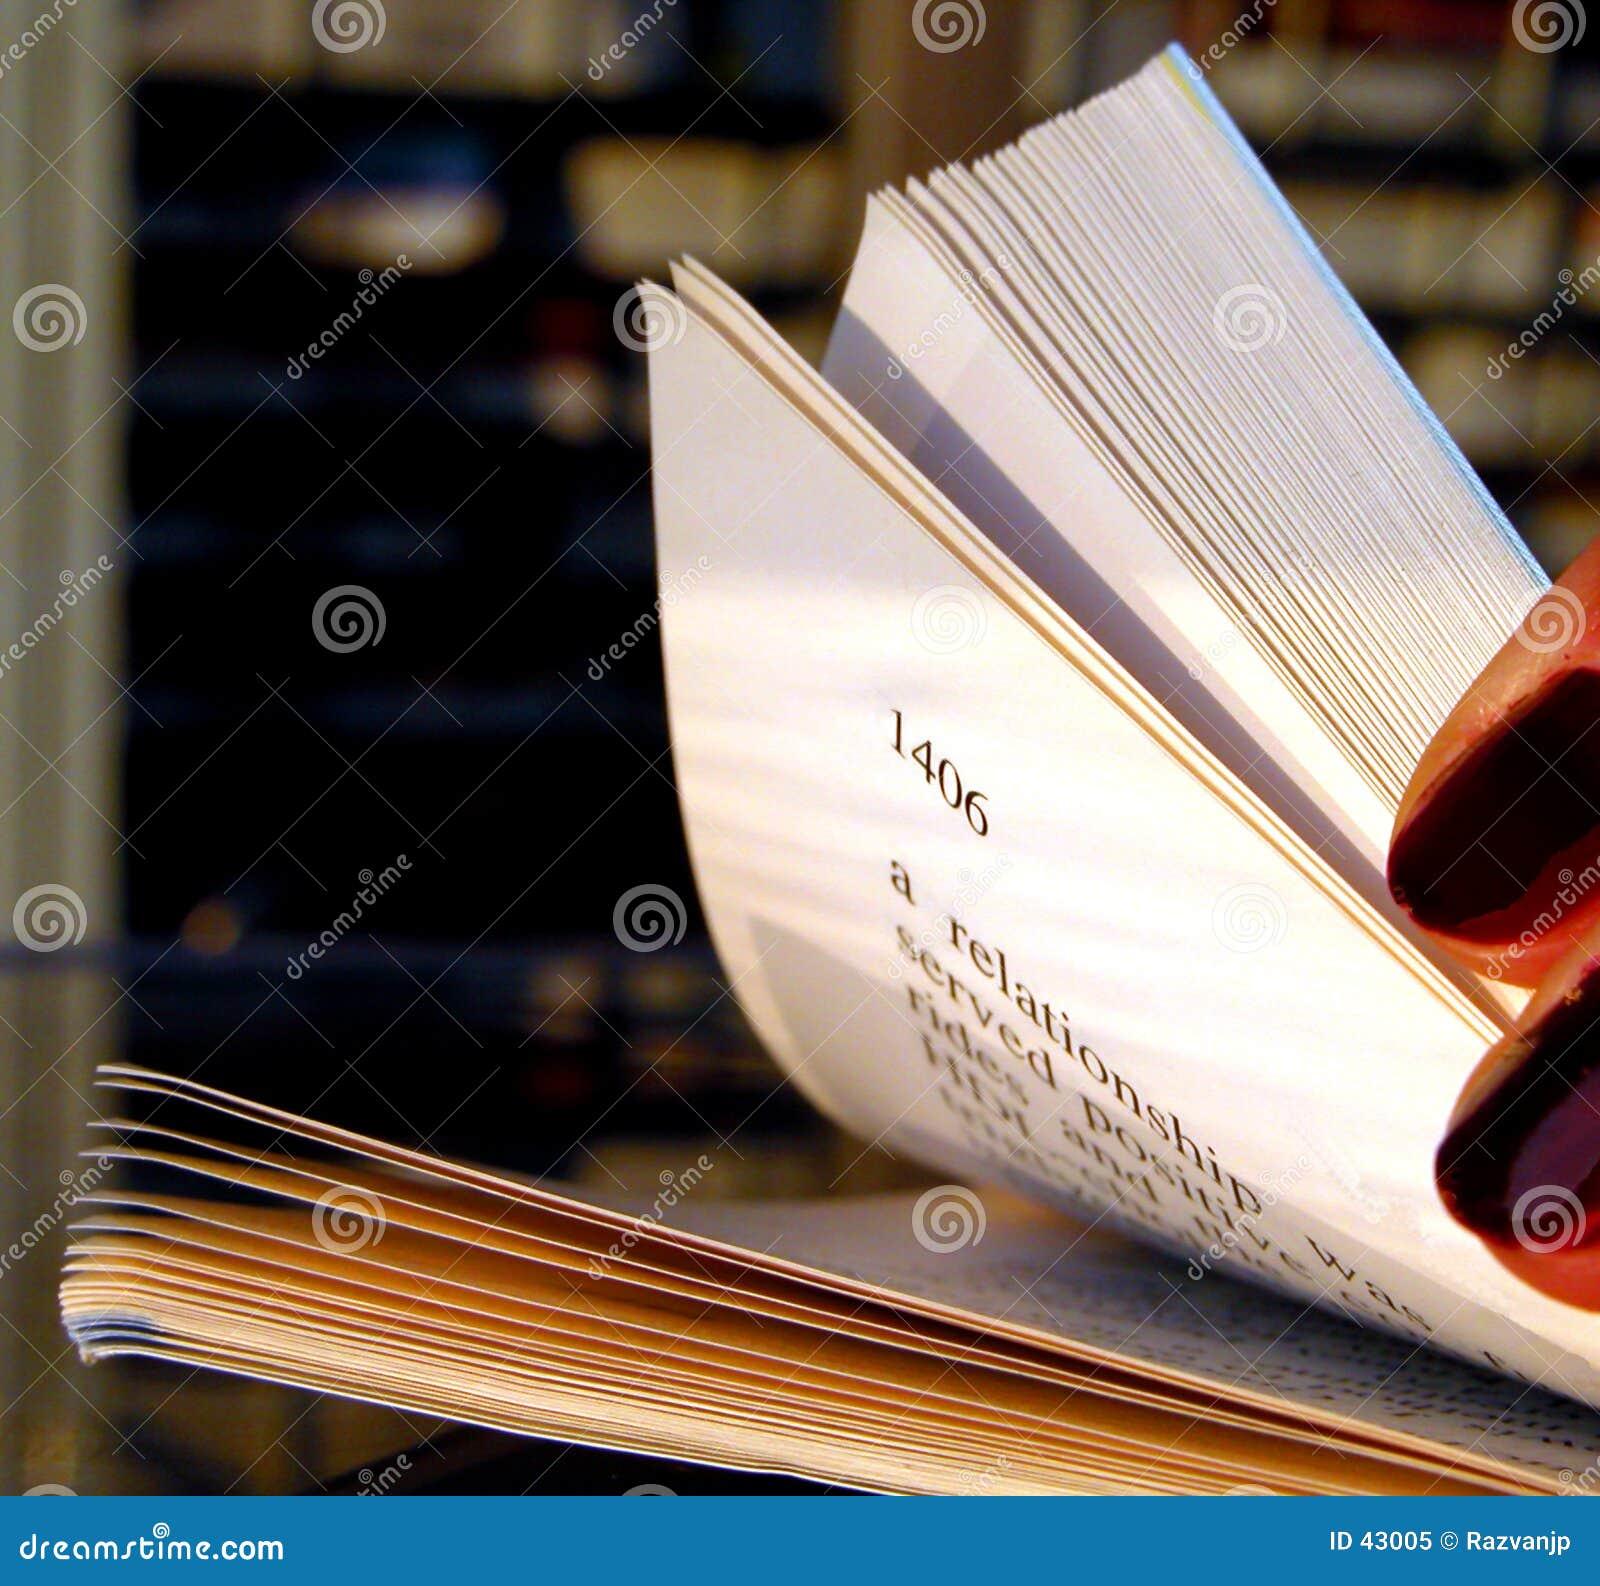 Książka riffling